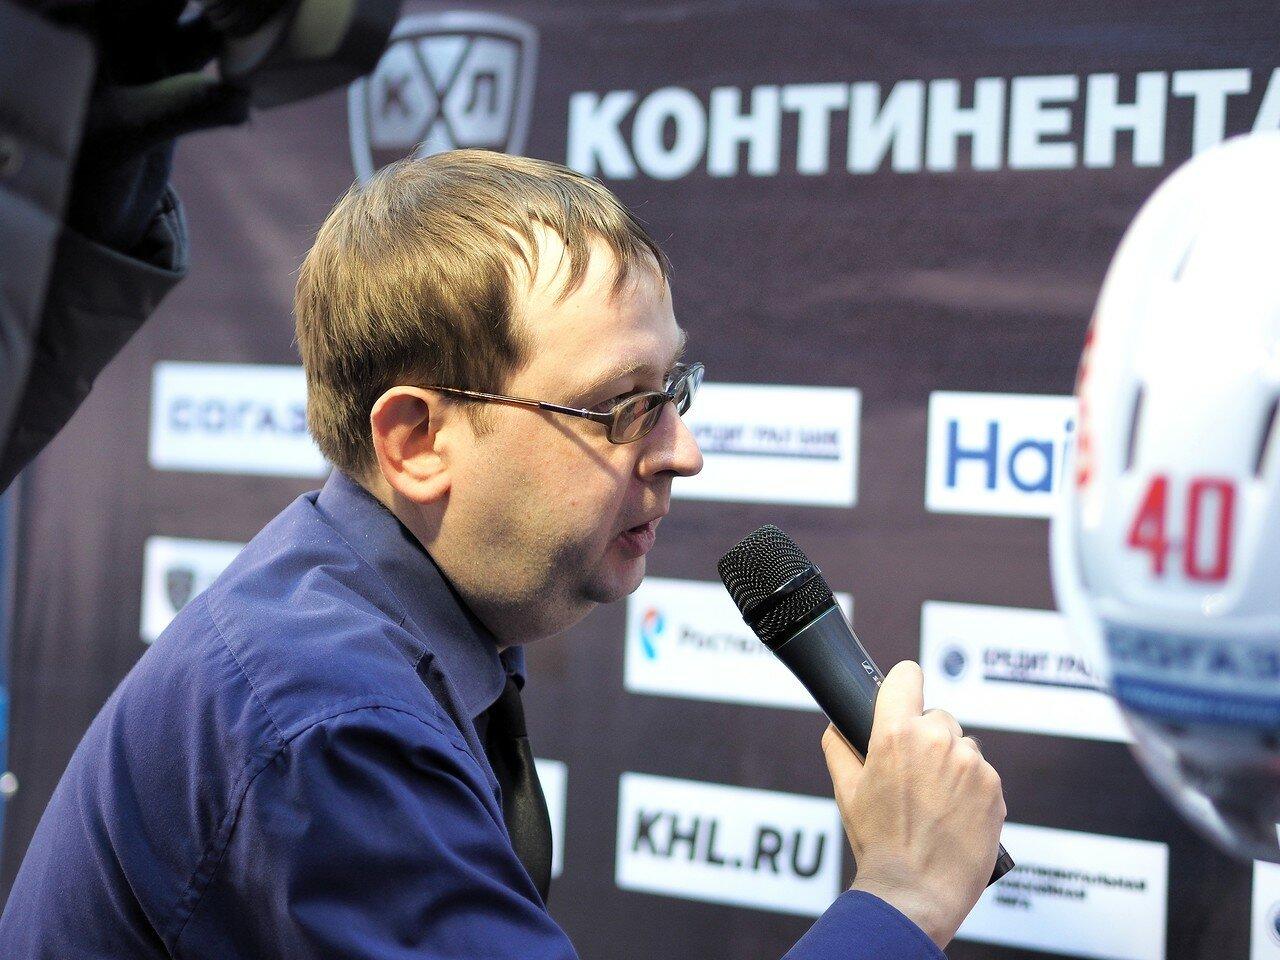 102Металлург - Локомотив 23.11.2016